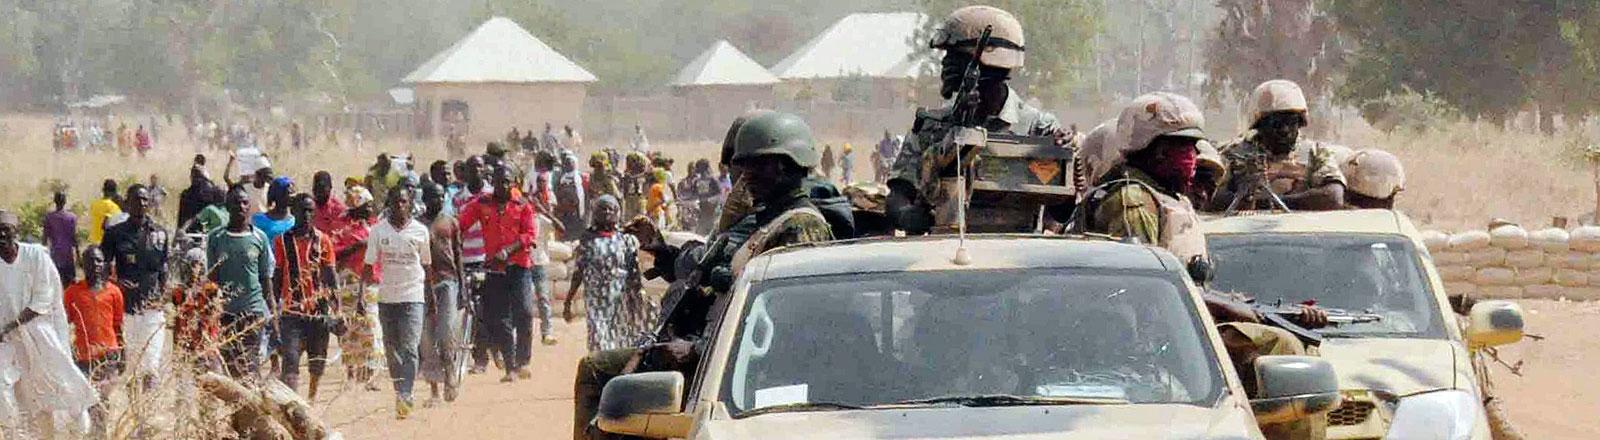 Nigerianische Soldaten im Einsatz gegen Boko-Haram-Kämpfer.